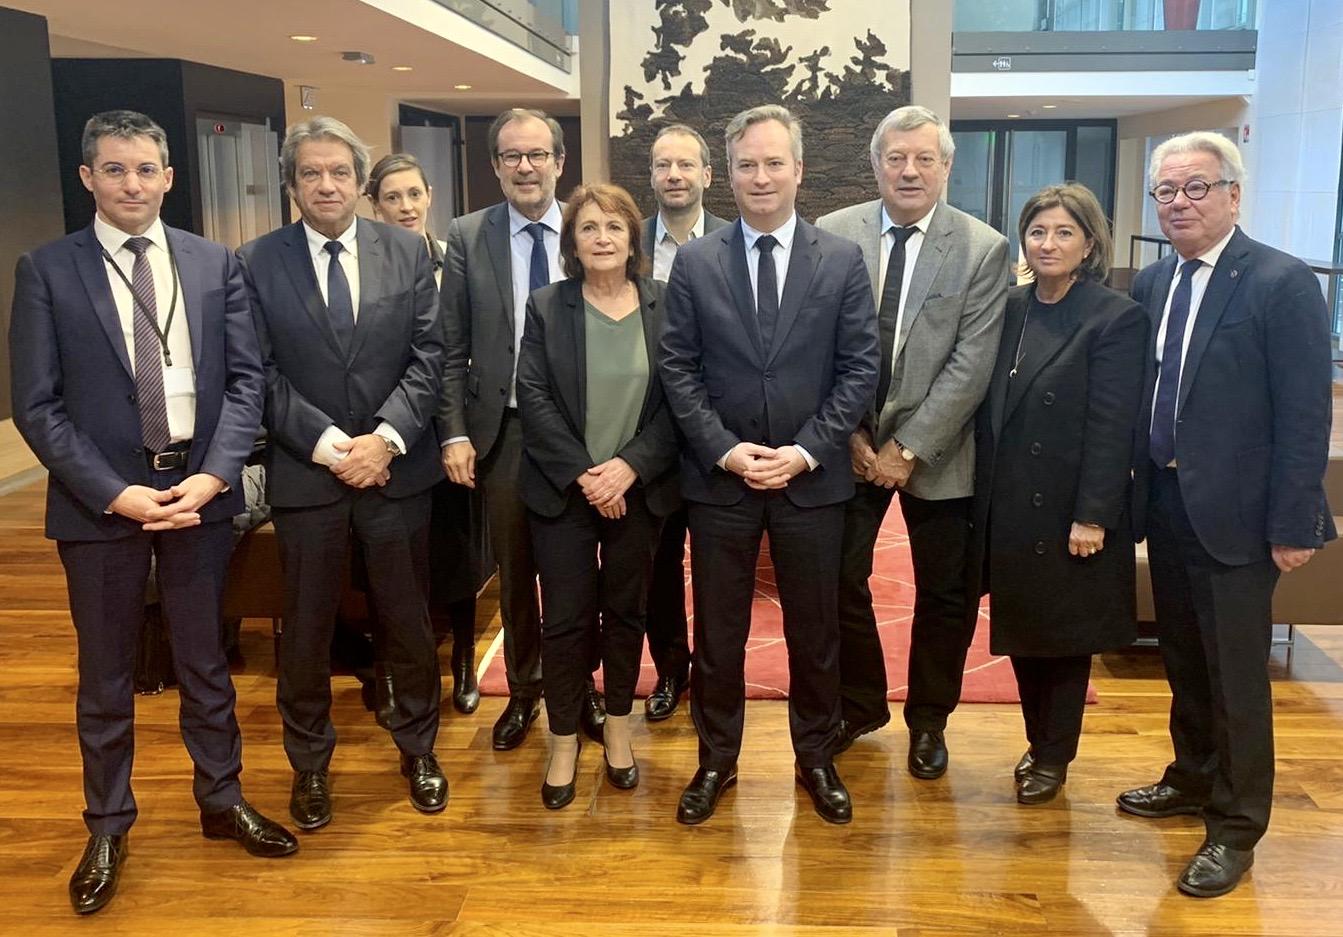 Georges Rudas, Président de l'IFT, au bureau du nouveau comité de filière Tourisme lancé le 16 janvier 2020 par Mr Jean-Baptiste Lemoyne, Secrétaire d'état au Ministère de l'Europe et des affaires étrangères.